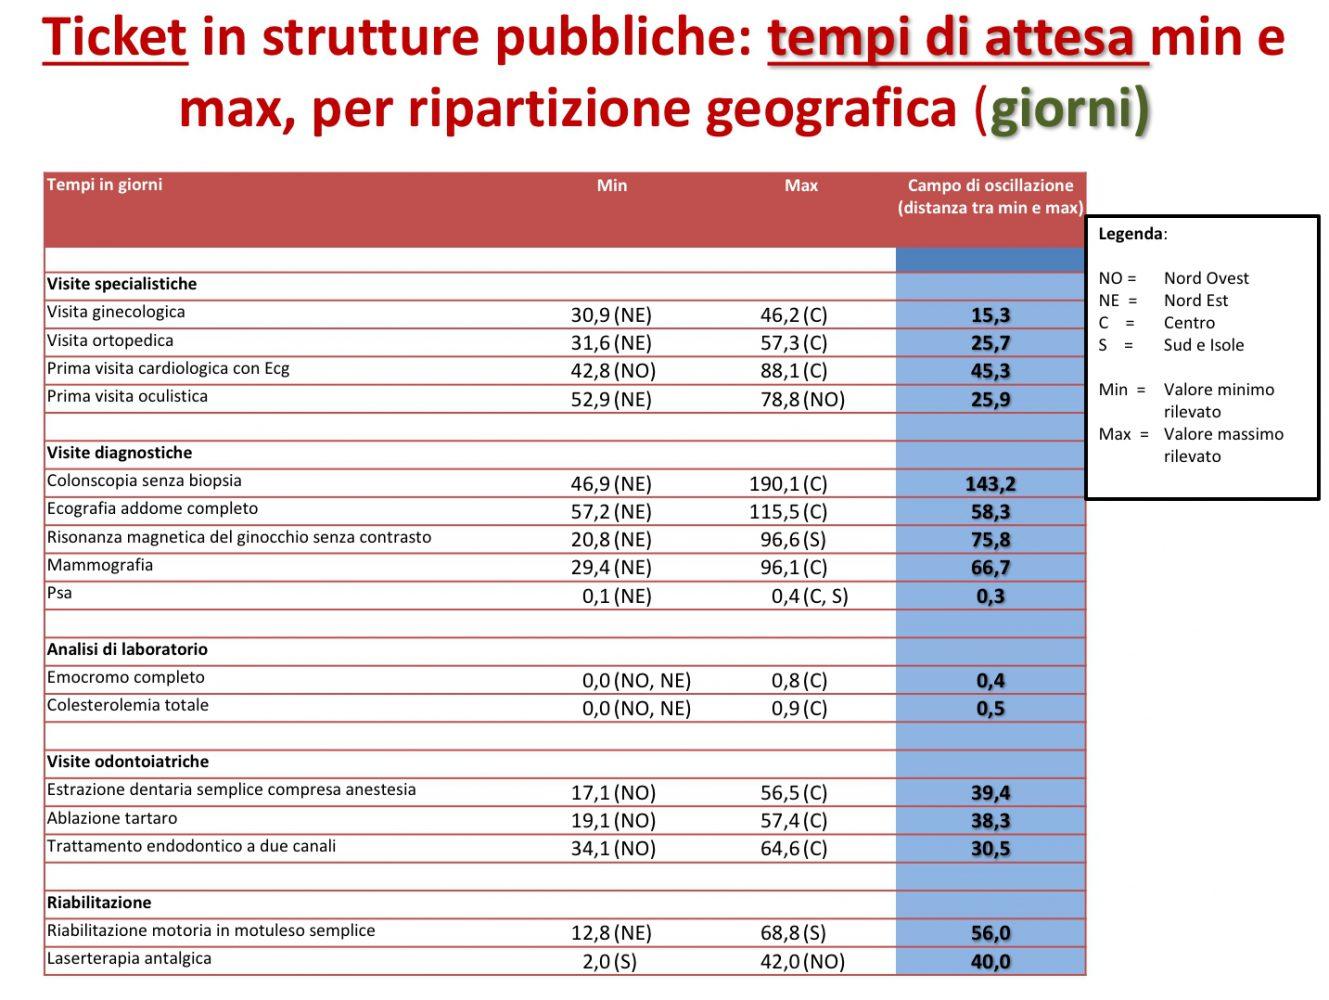 welfare-day-venezia-tempi-di-attesa-per-area-geografica-imc